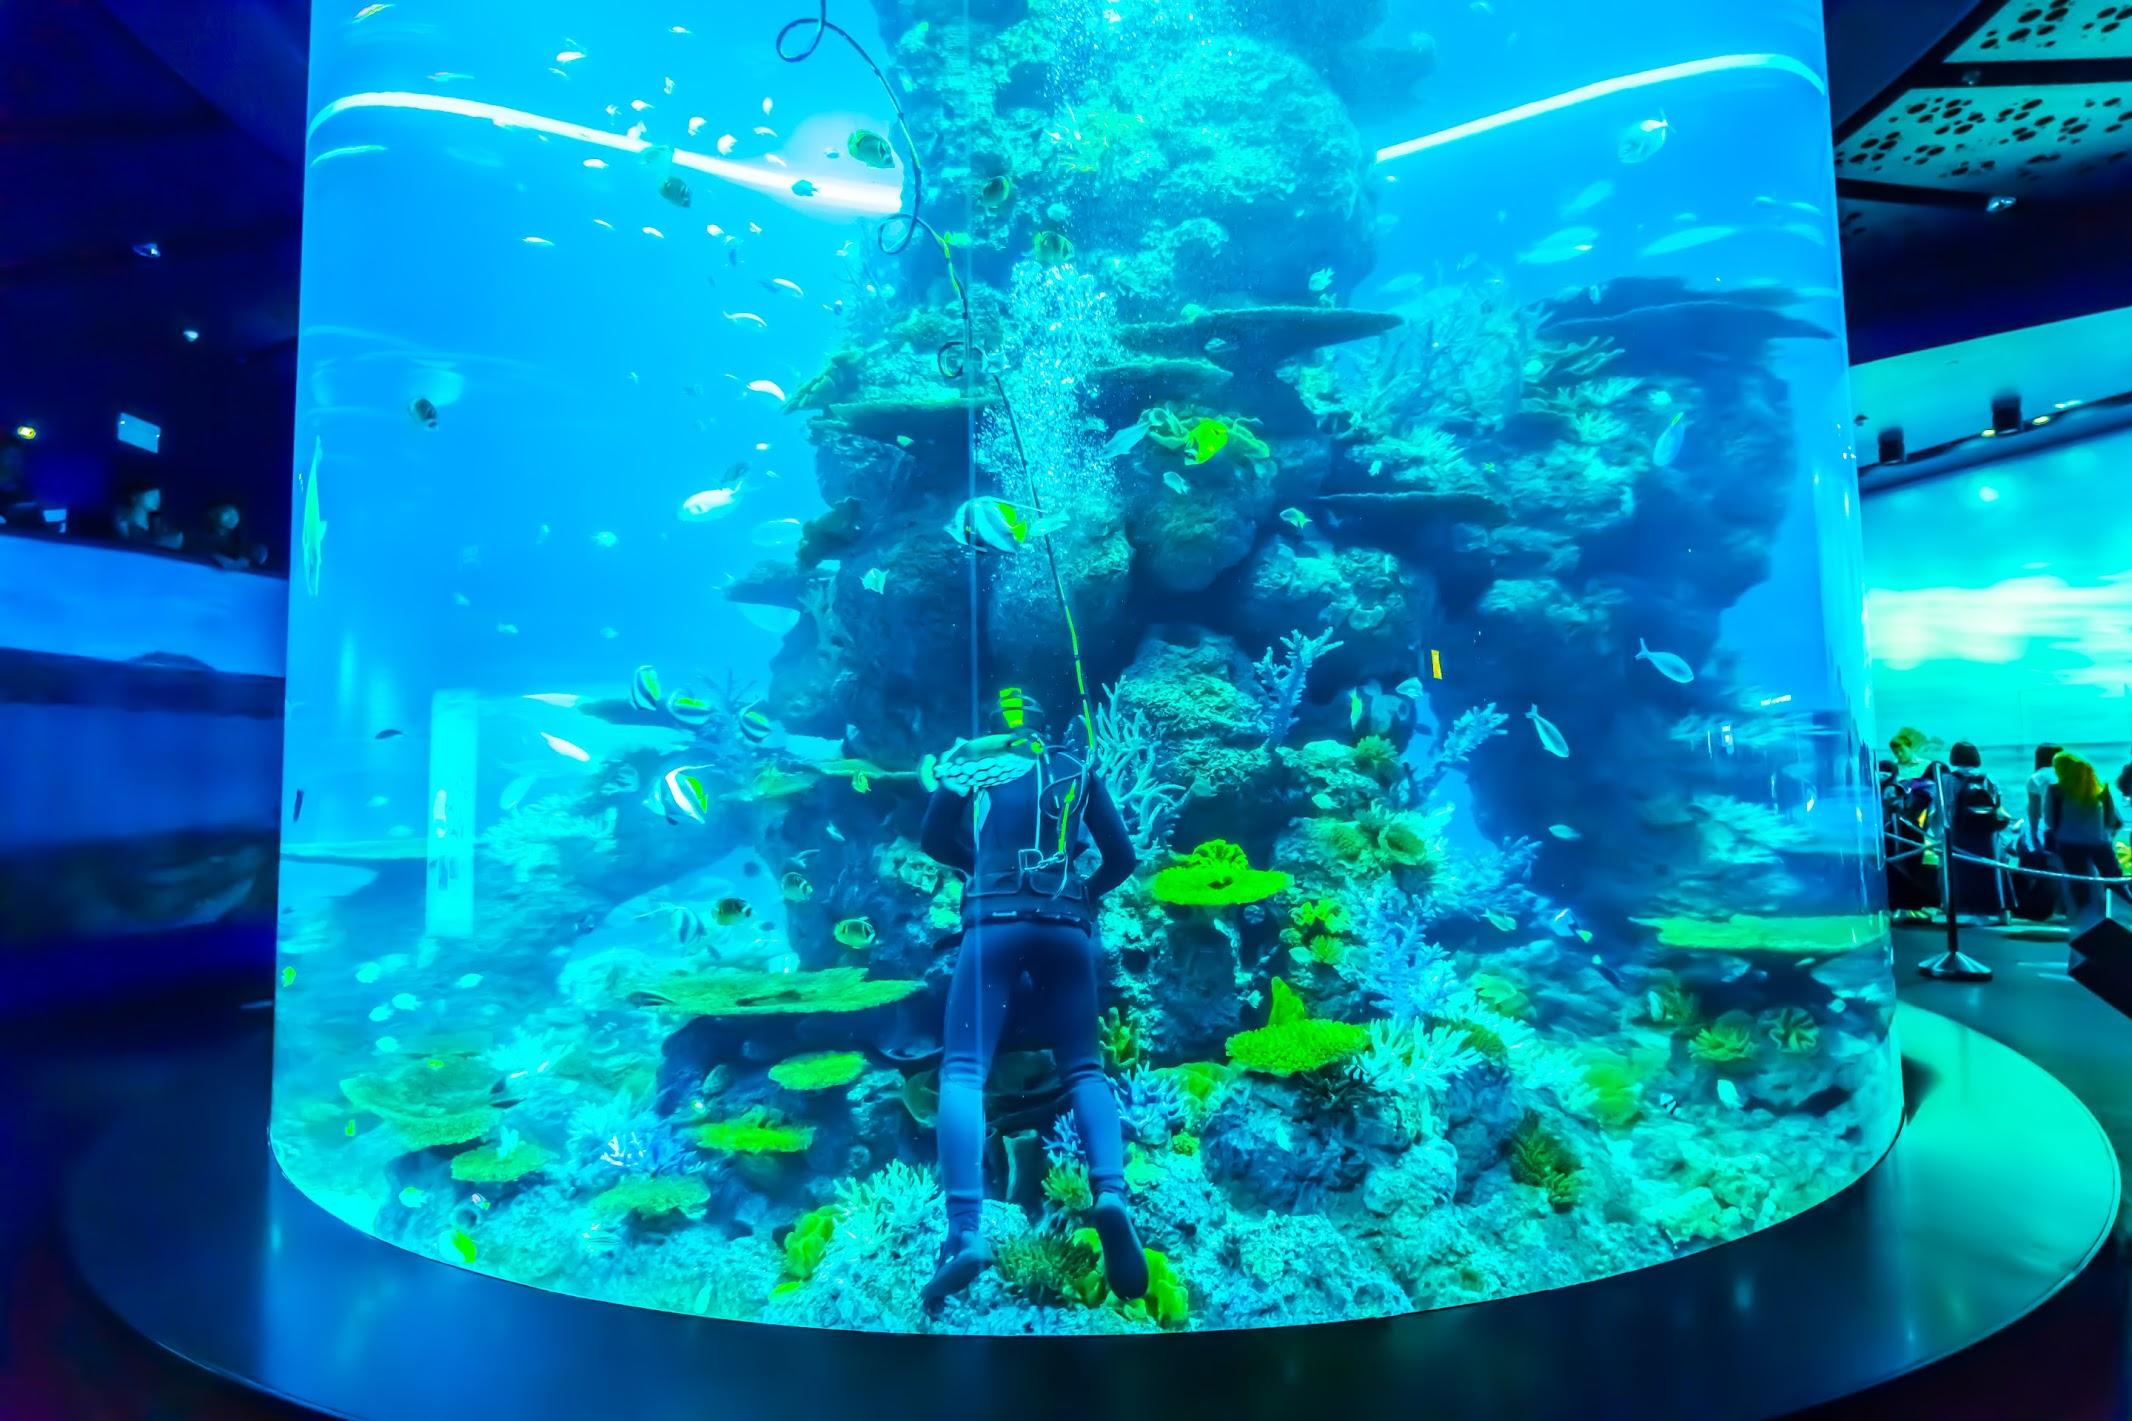 シンガポール セントーサ島 シー・アクアリウム Coral Garden1